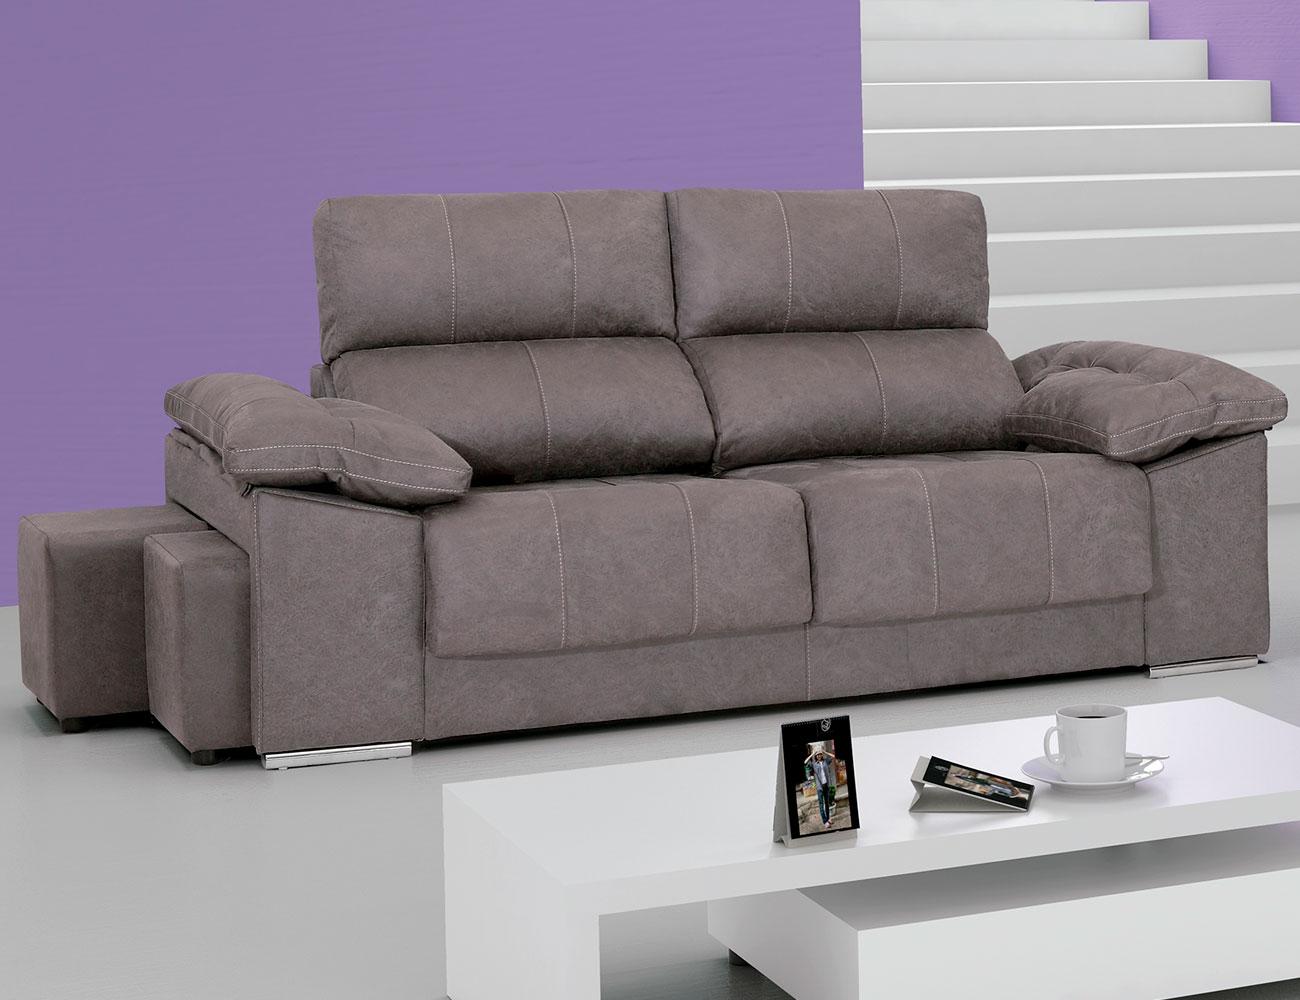 Sof con asientos extra bles y respaldos reclinables en - Asientos para sofas ...